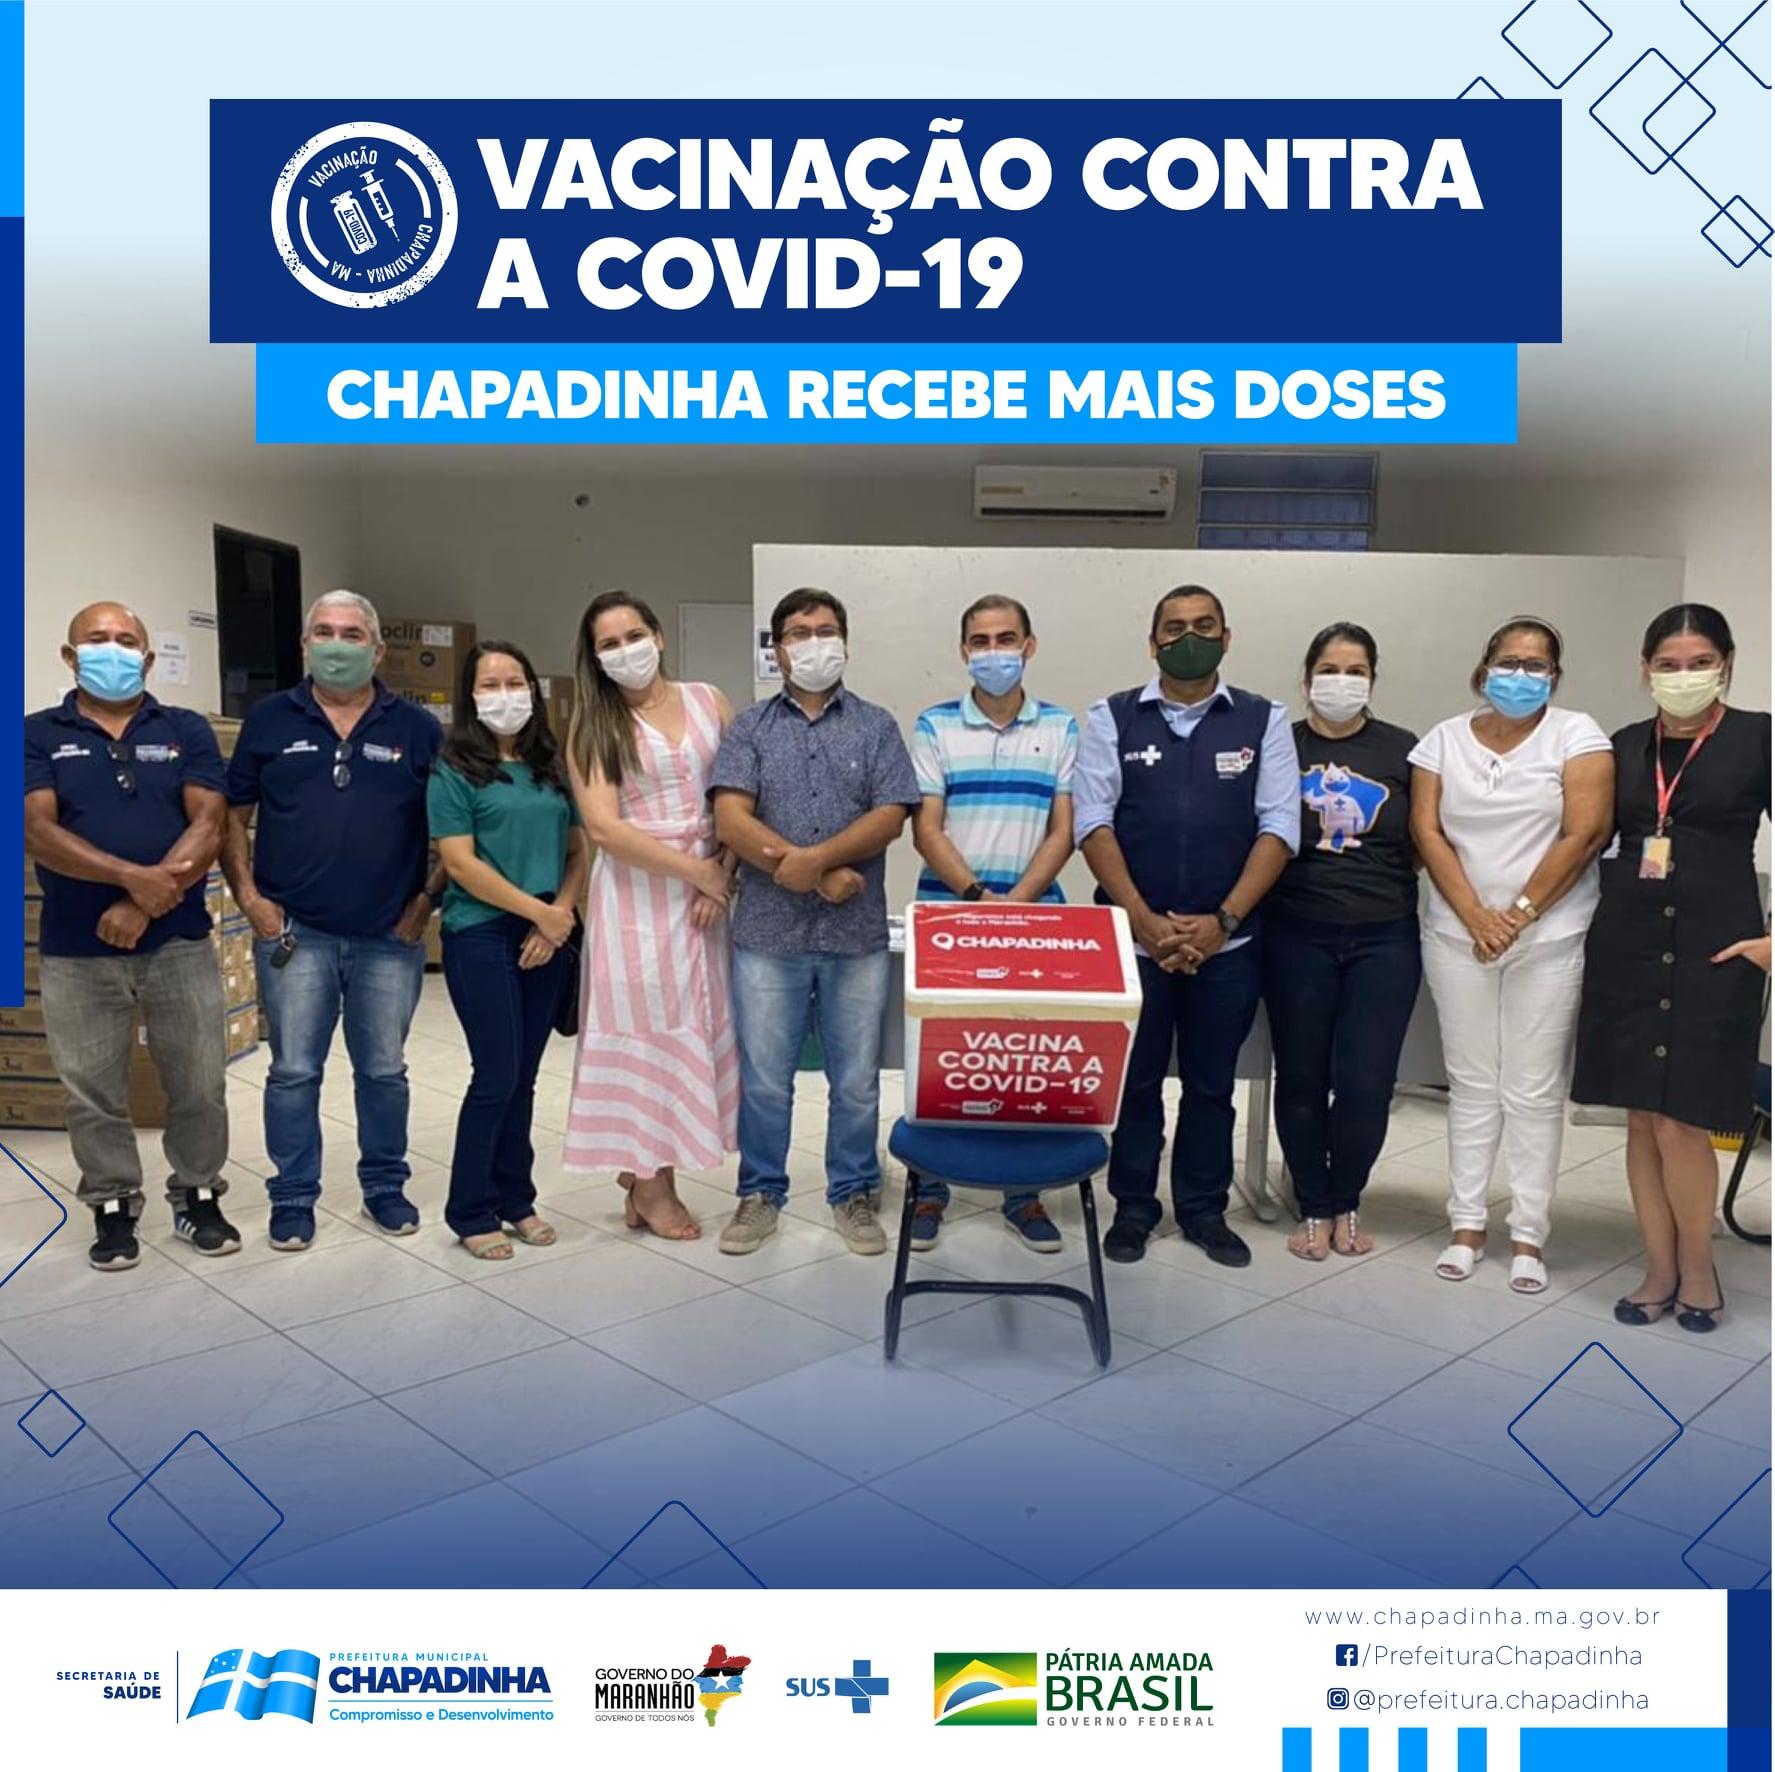 CHAPADINHA | Município bate recorde de vacinação contra a Covid-19